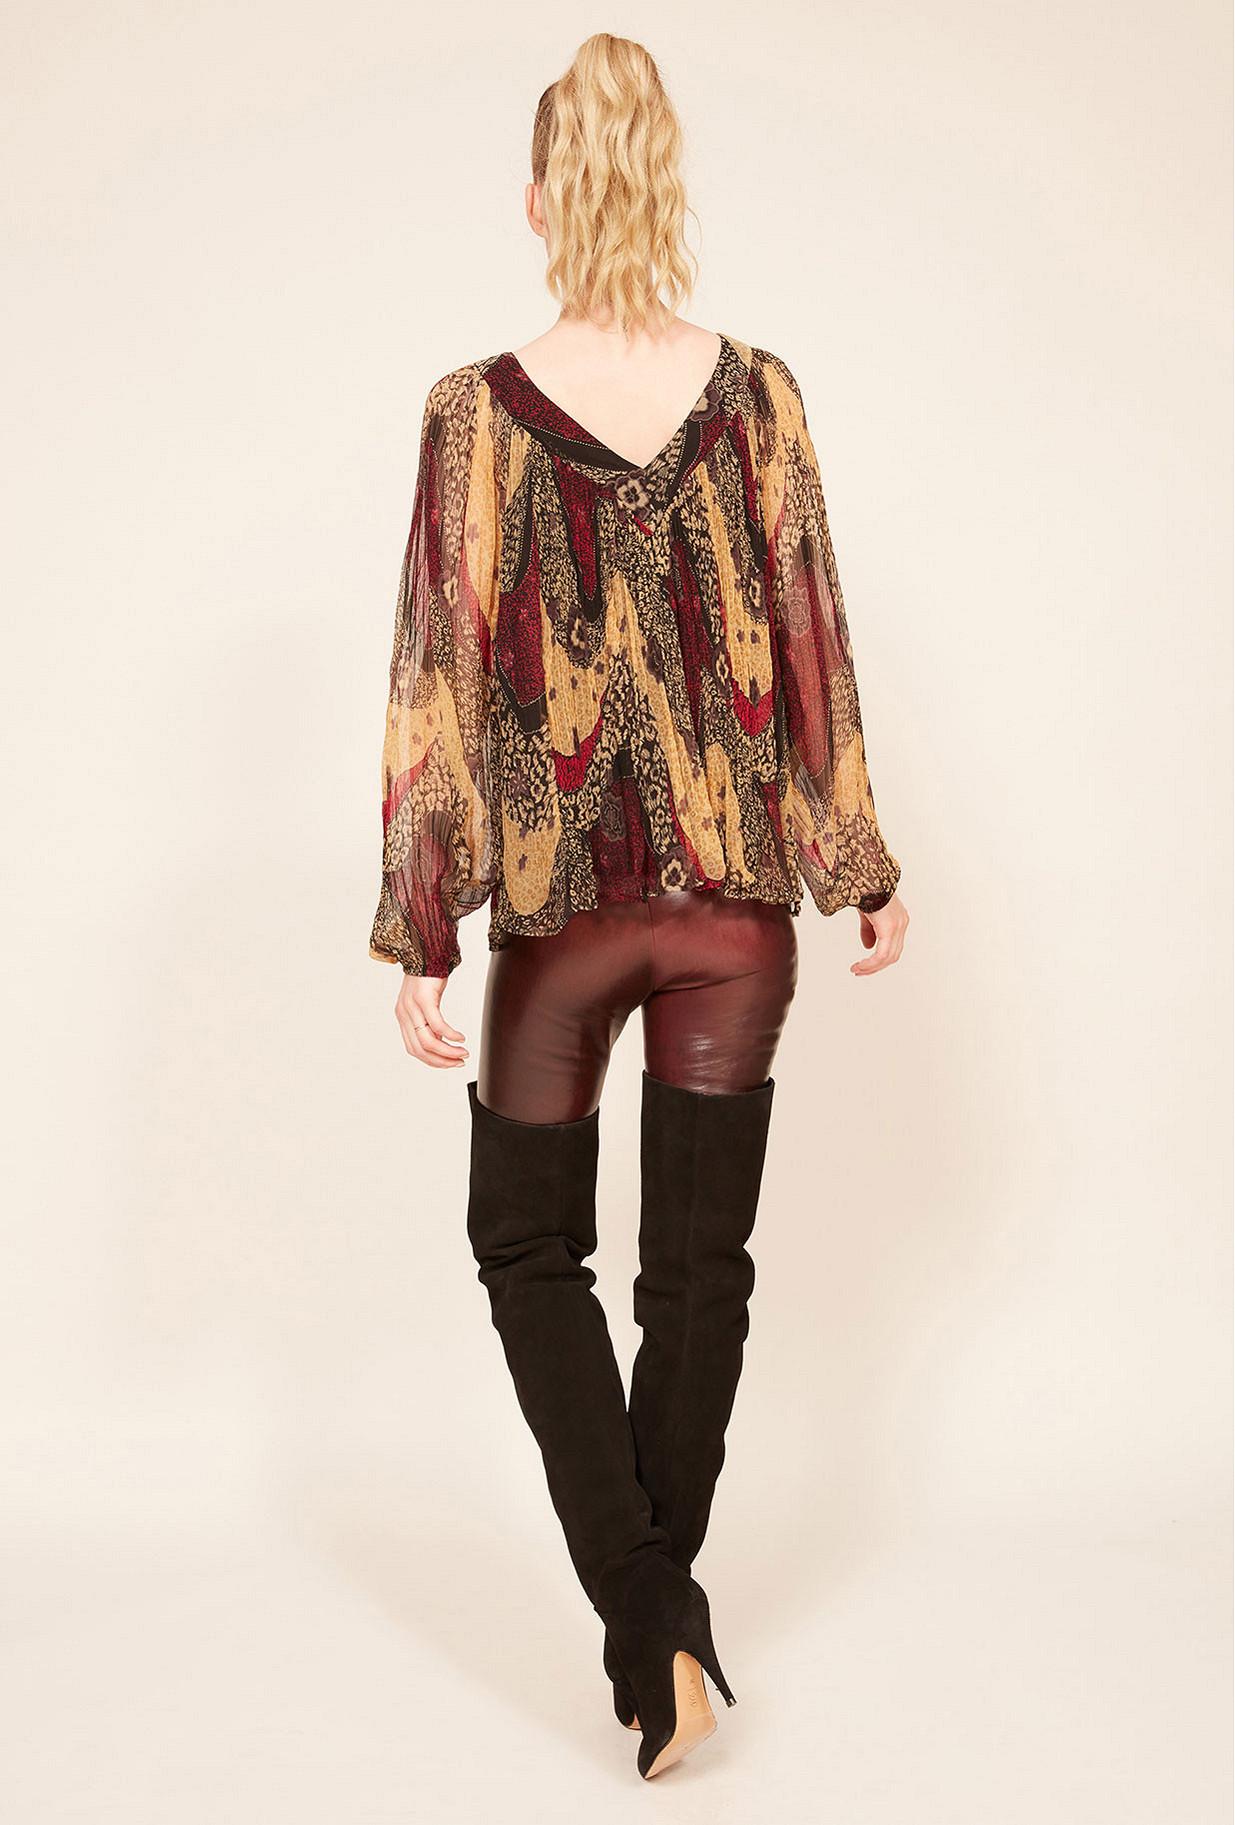 Paris clothes store Blouse  Sabri french designer fashion Paris